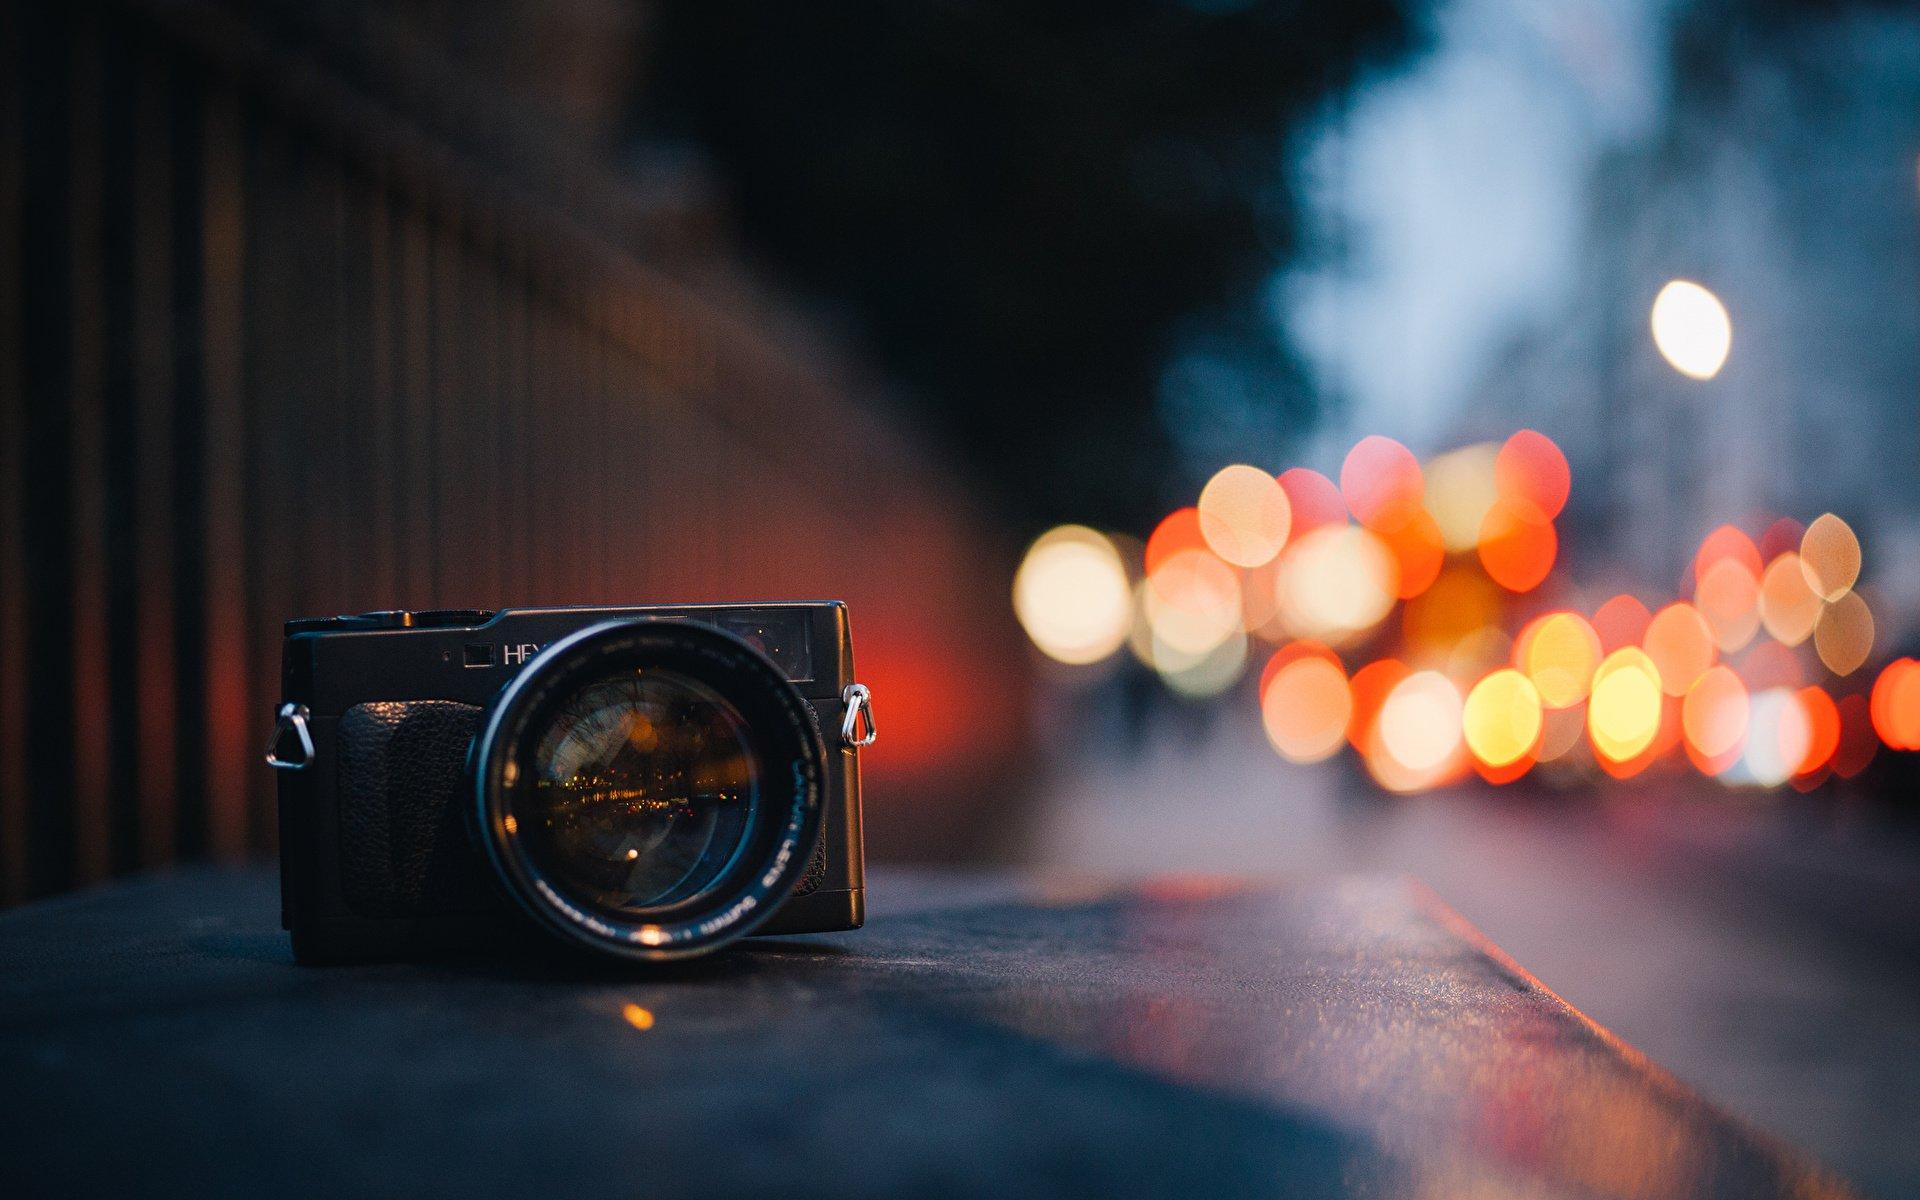 фотоаппарат не фокусируется во тьме месте